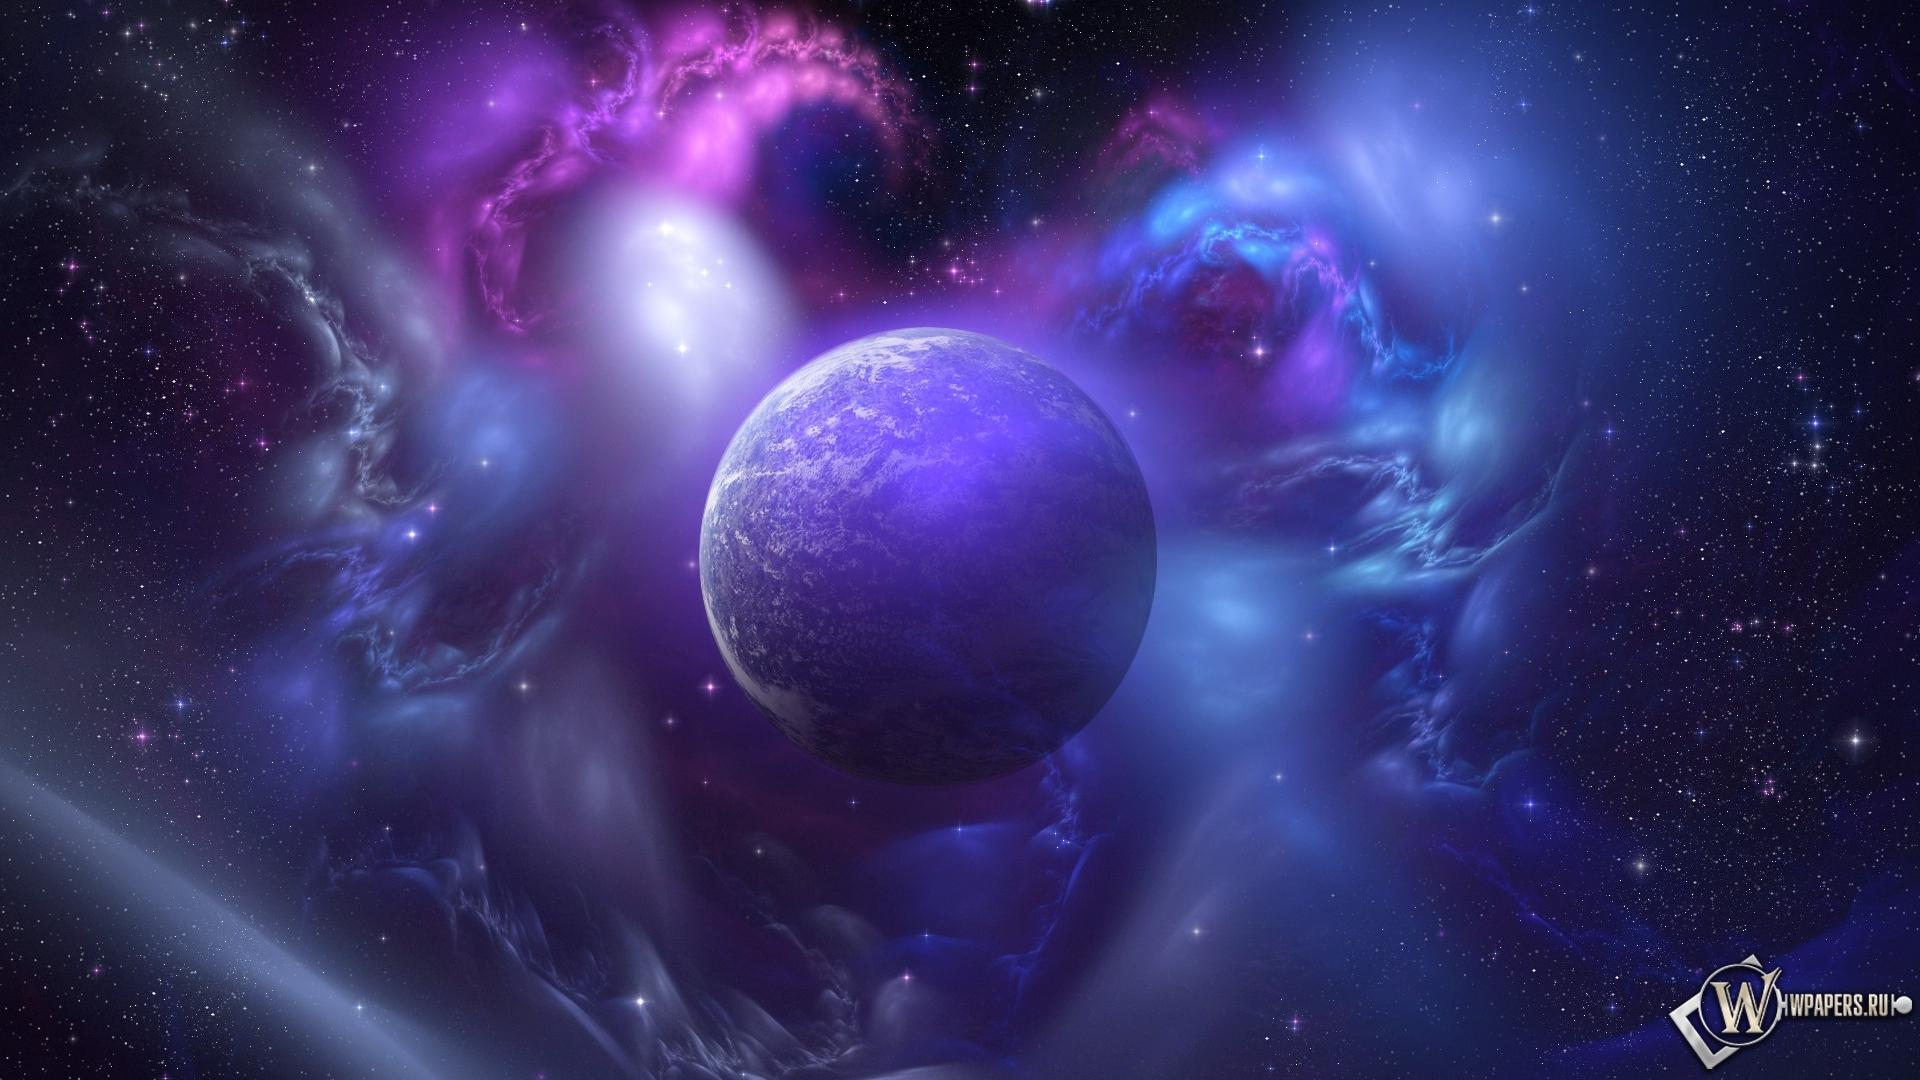 Обои фиолетовая планета на рабочий